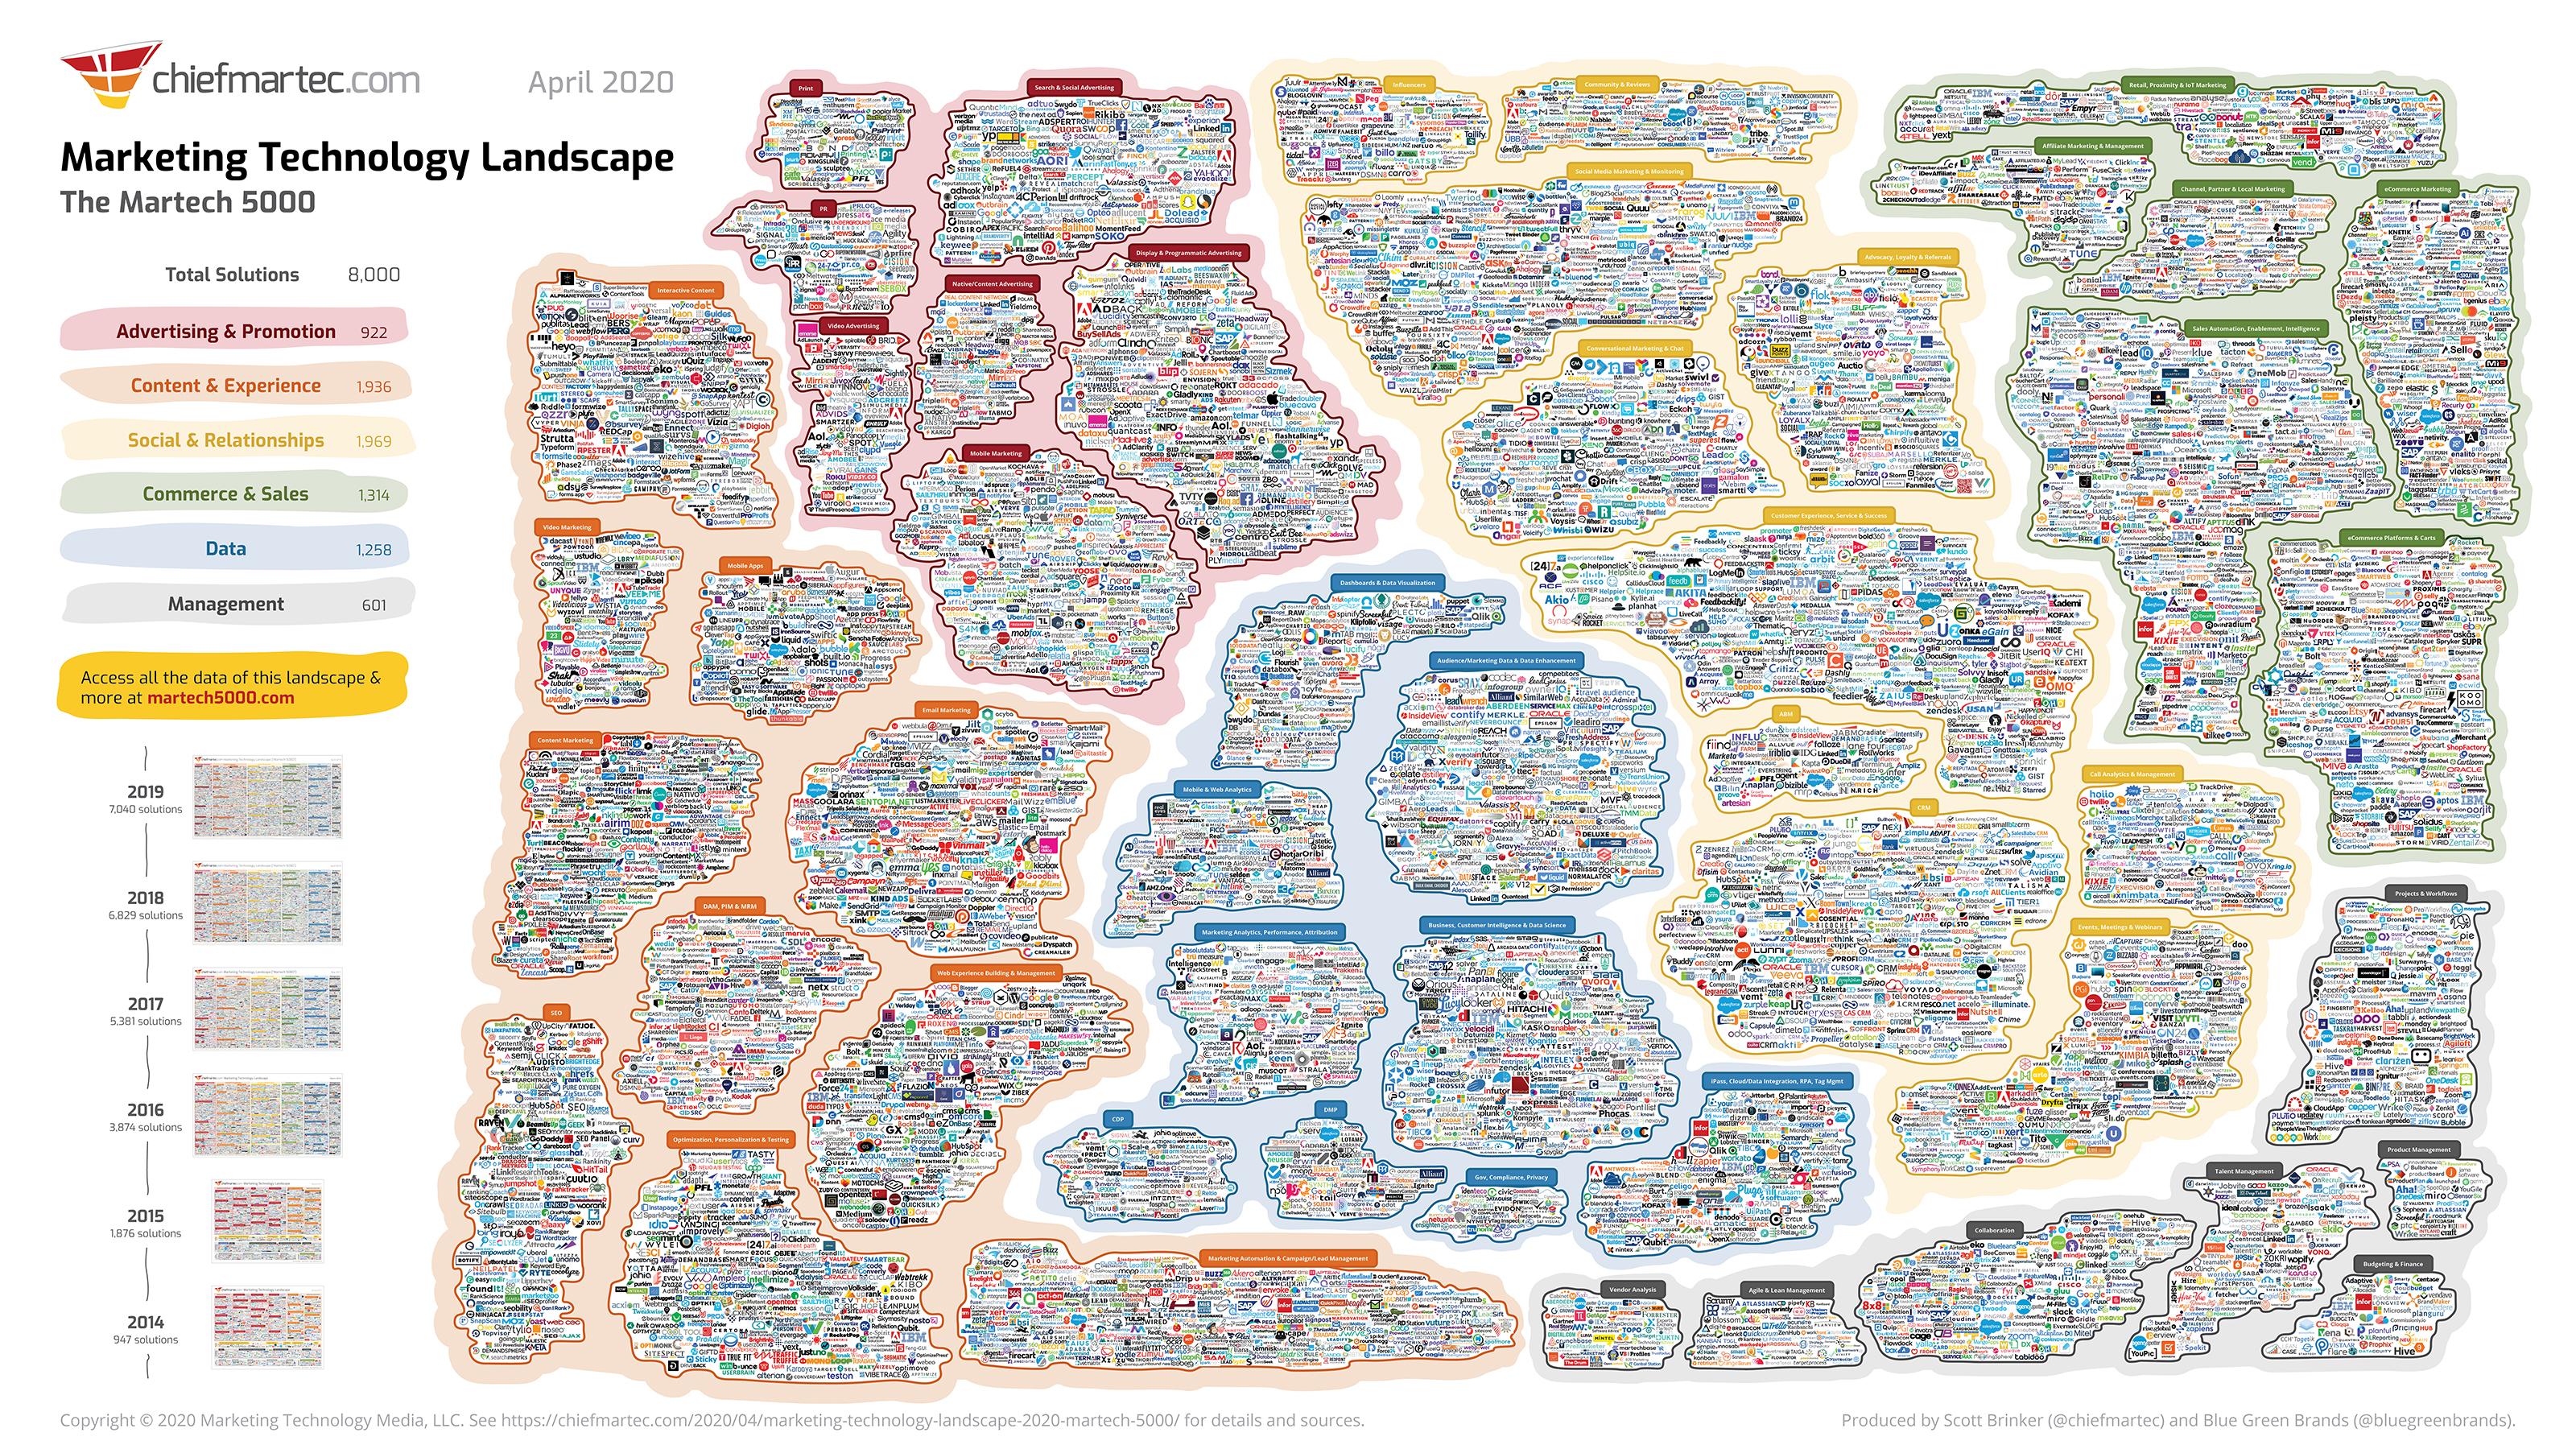 martech-landscape-2020-martech5000-slide (1)